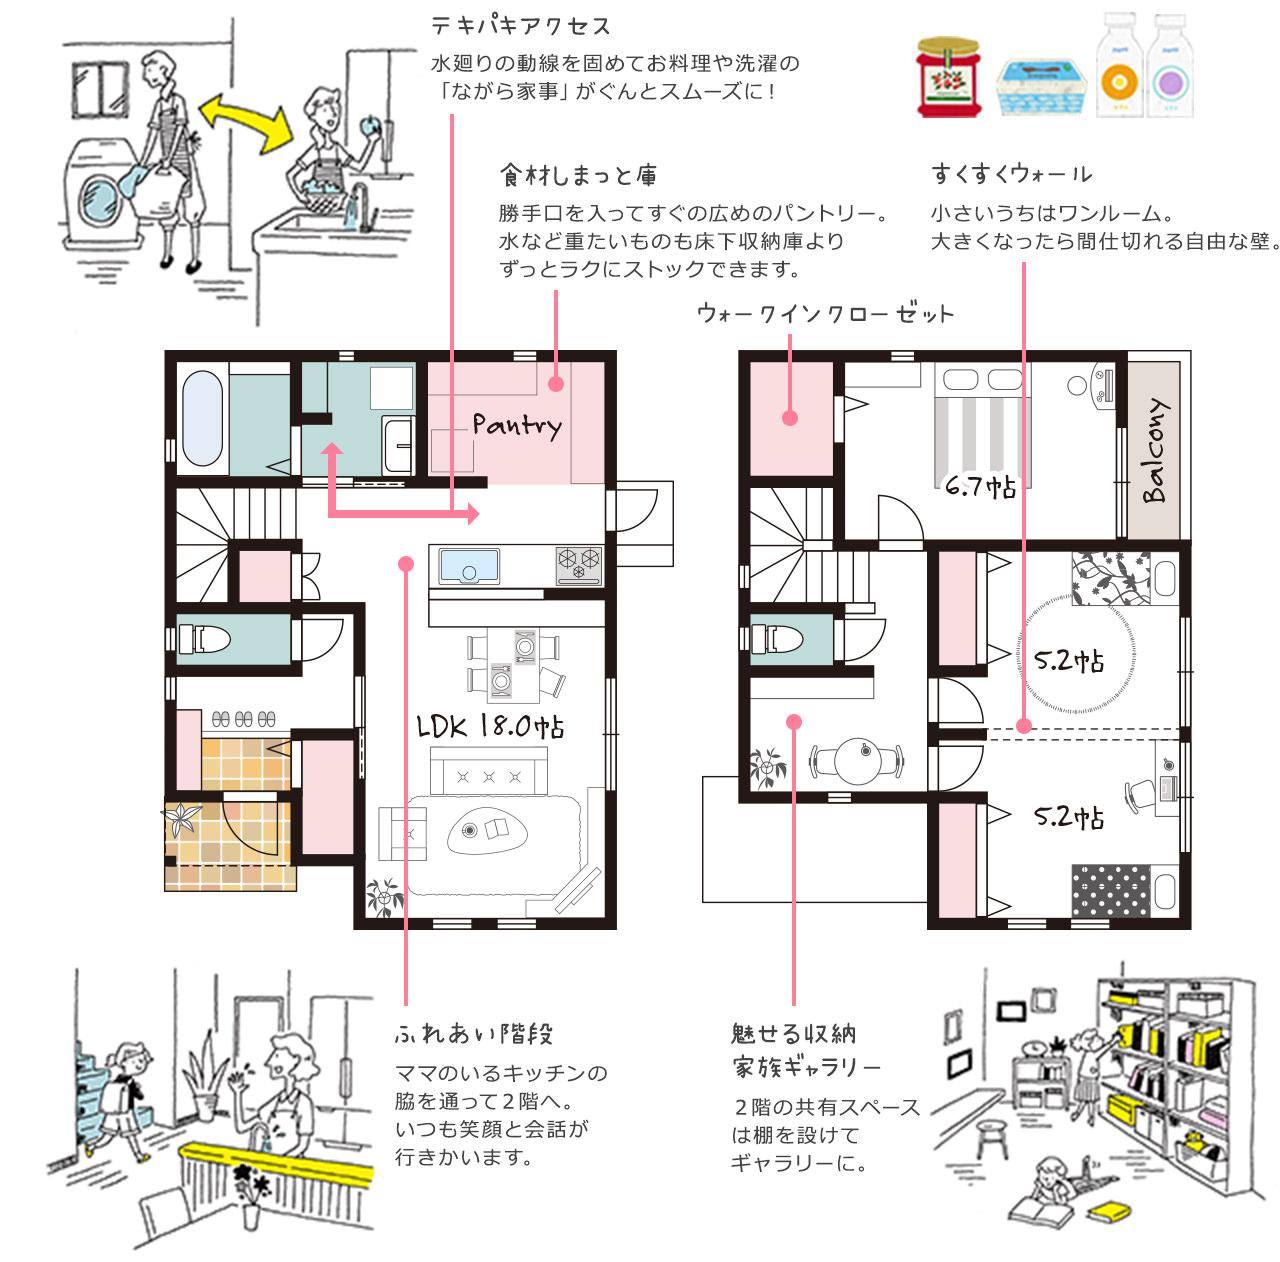 新企画型住宅「YAMATO casa STYLE」 Style02参考間取り図